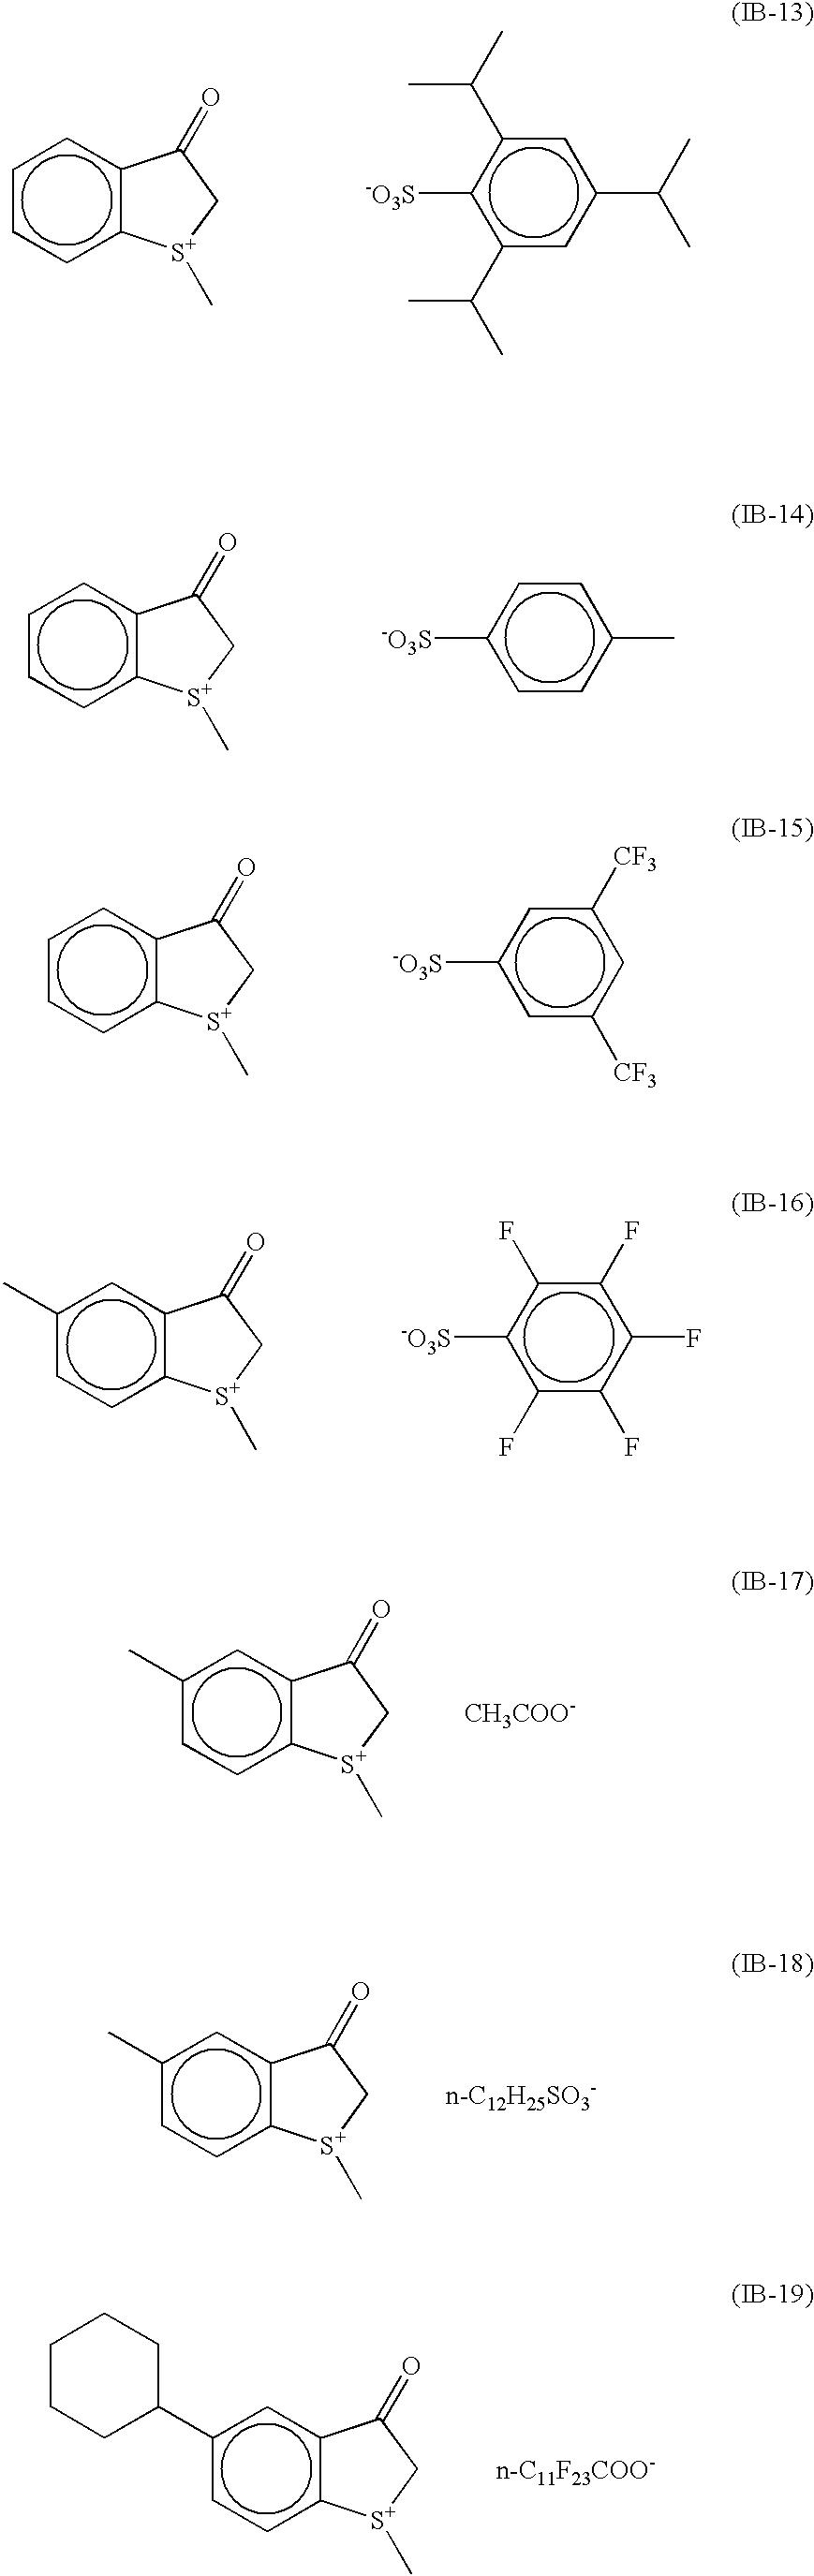 Figure US20030186161A1-20031002-C00029